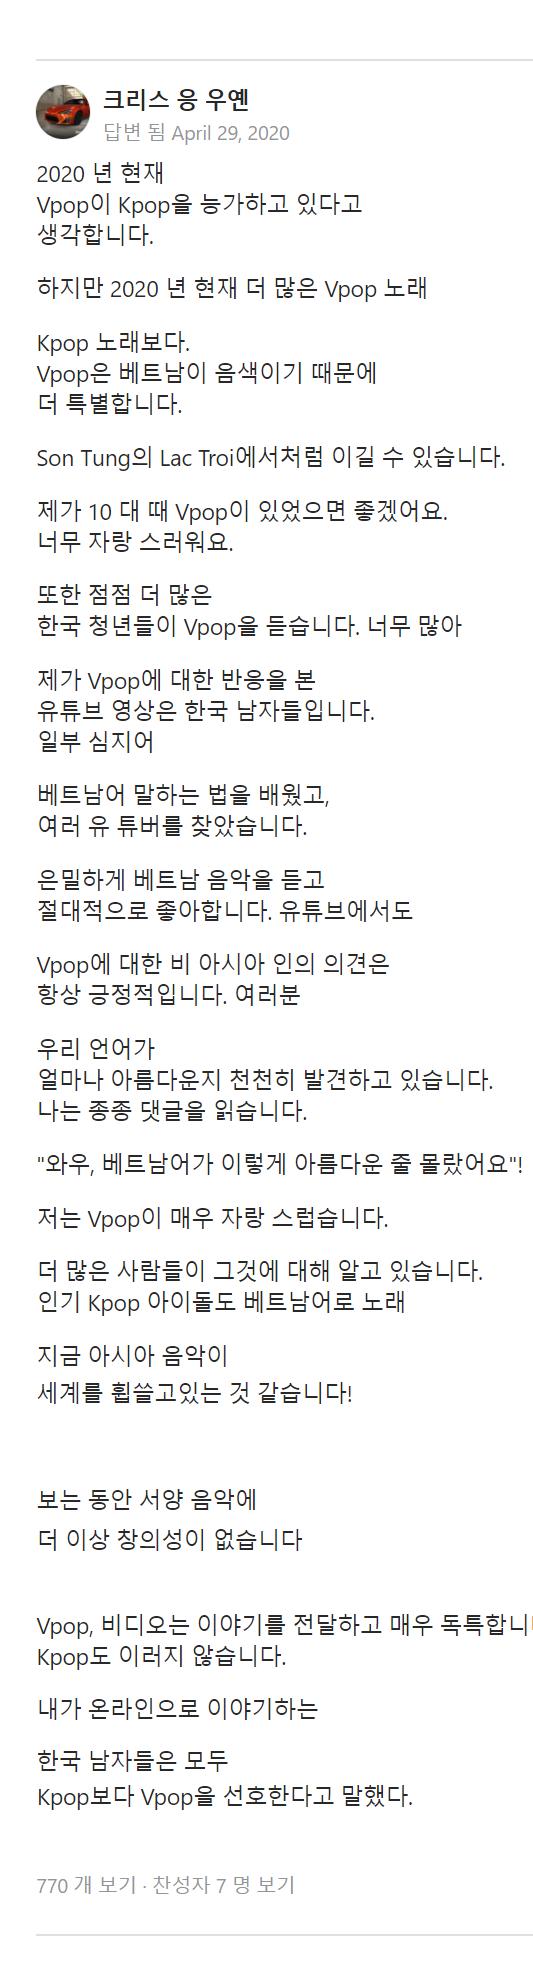 viewimage.php?no=24b0d769e1d32ca73fec8ffa11d0283194eeae3ea3f7d0da351cf9d34081701393a1c37217bae6bb0ed9c69c3acbb09b705e42b0d097e92a5e34814073a243c5c48499fa4639aee79ebc